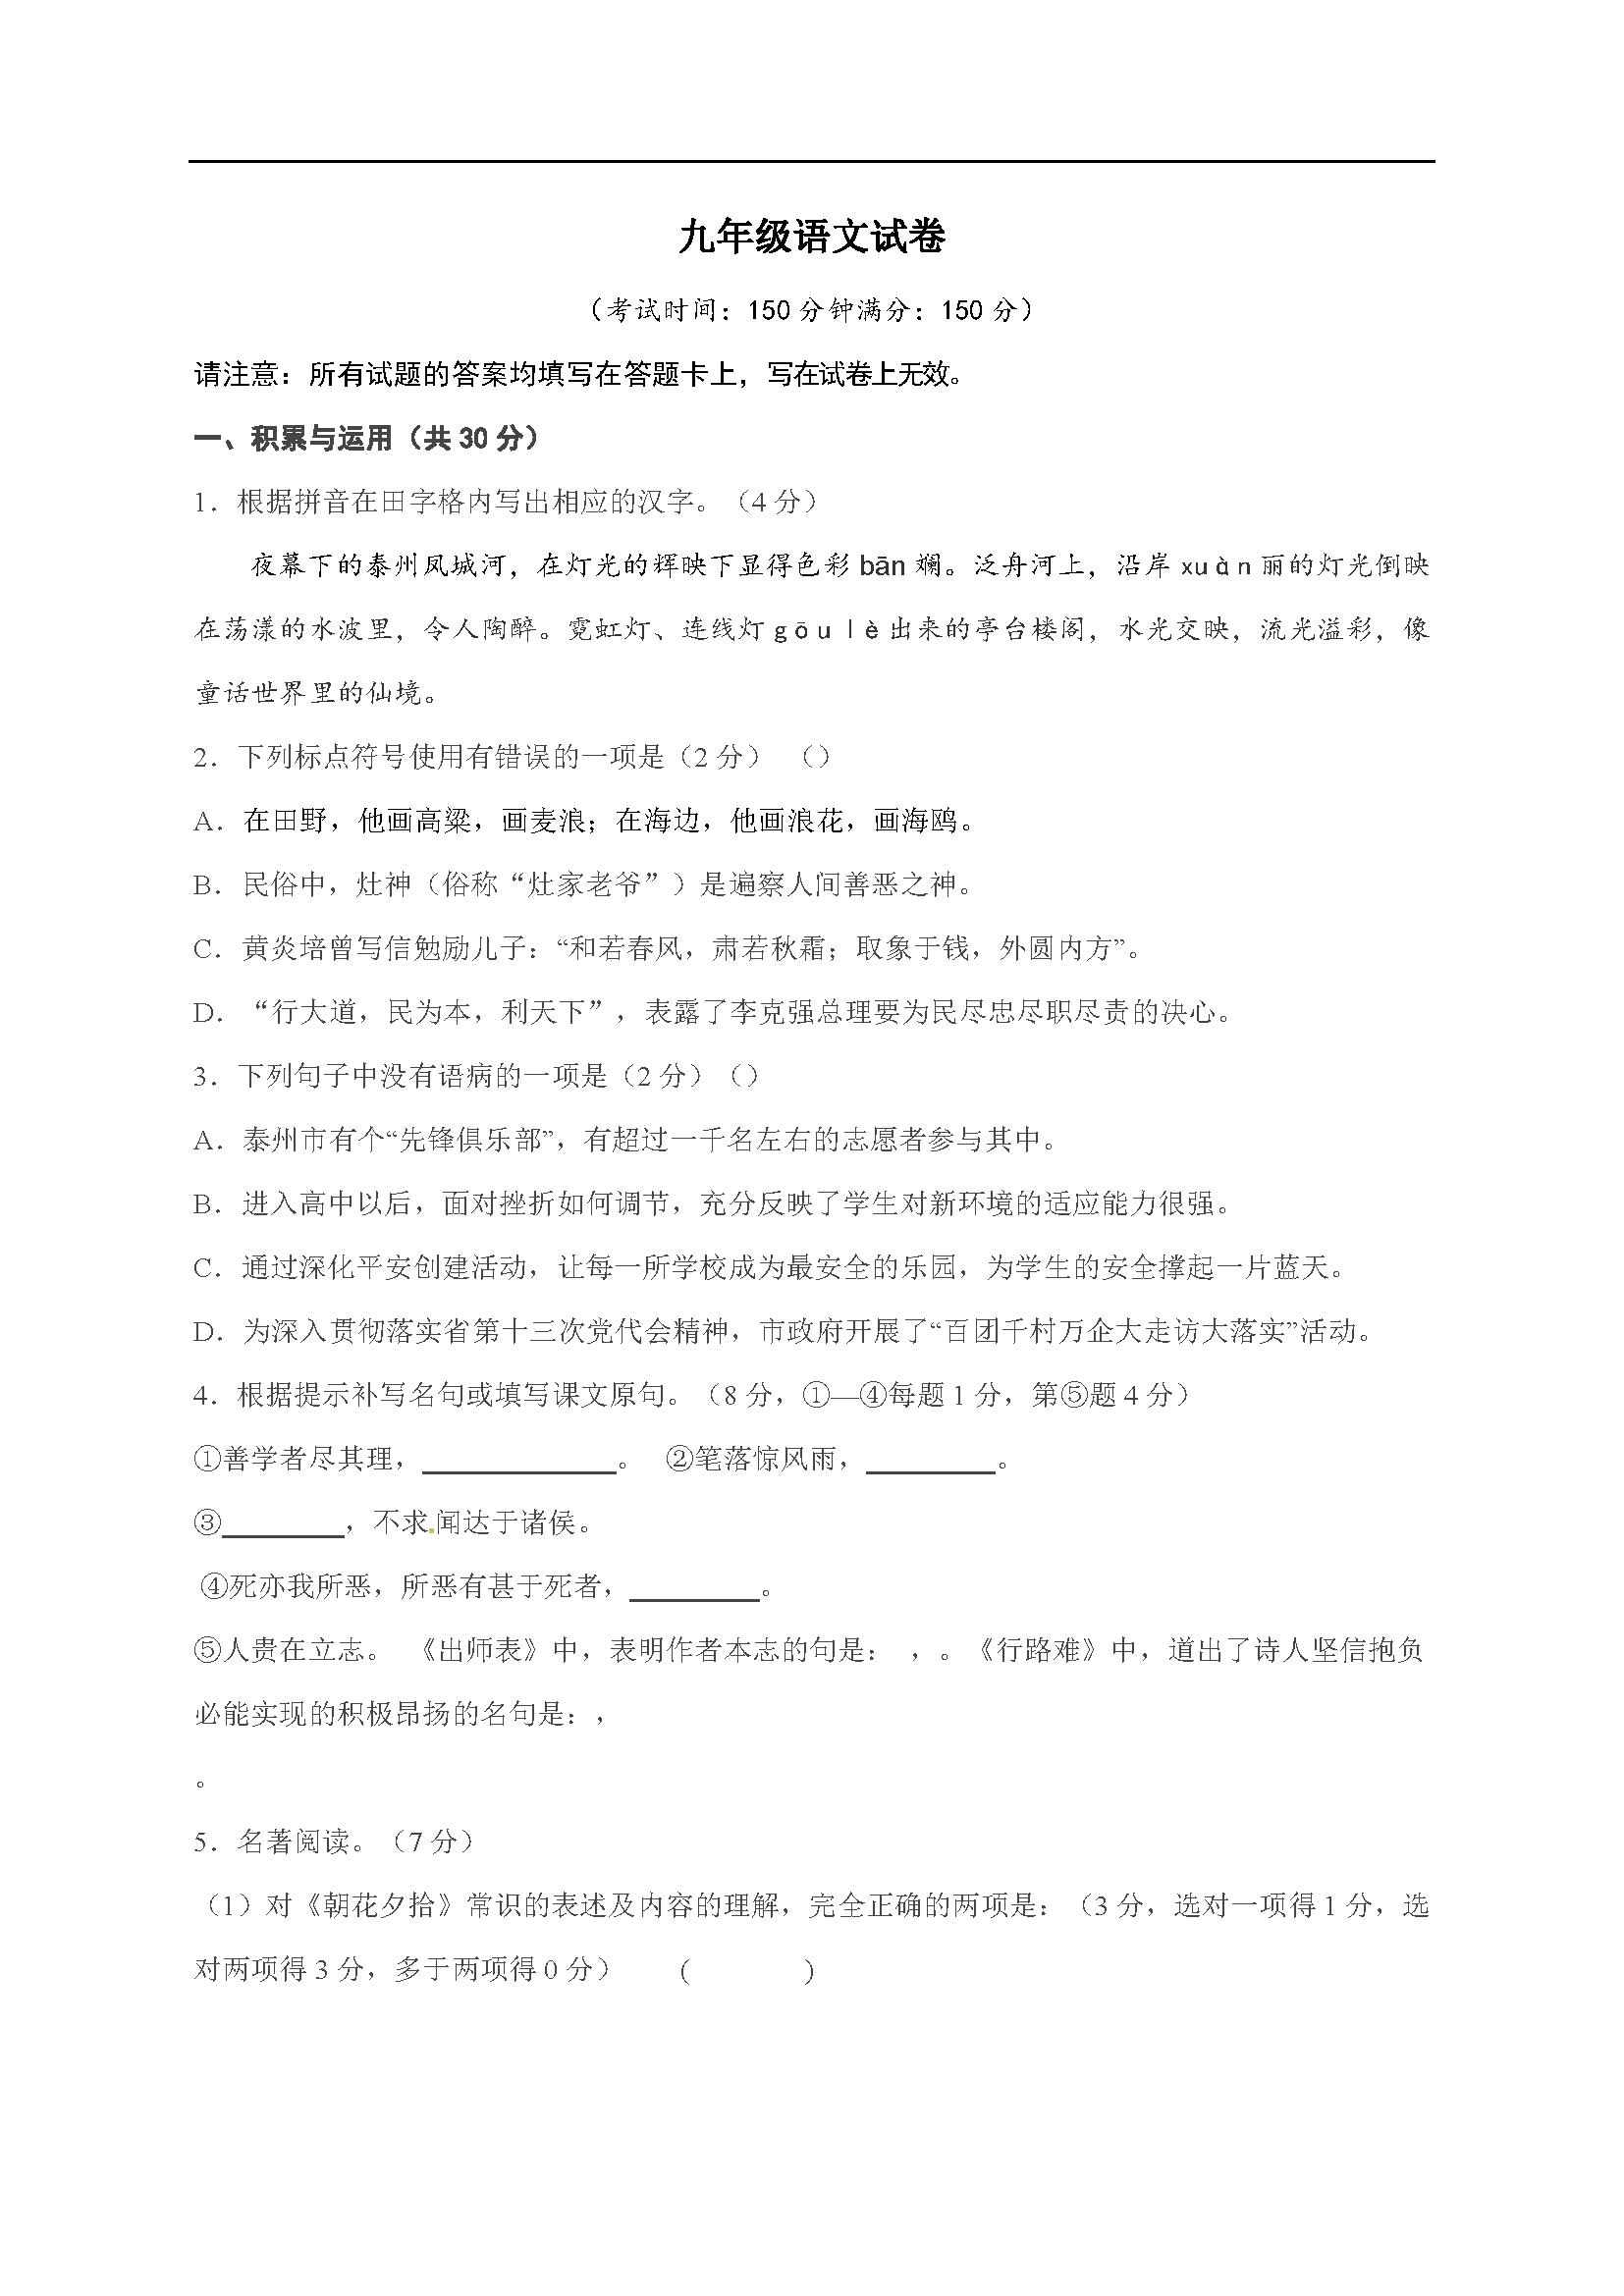 江苏泰州中学附属初级中学2017届九年级下第一次月考语文试题(图片版)